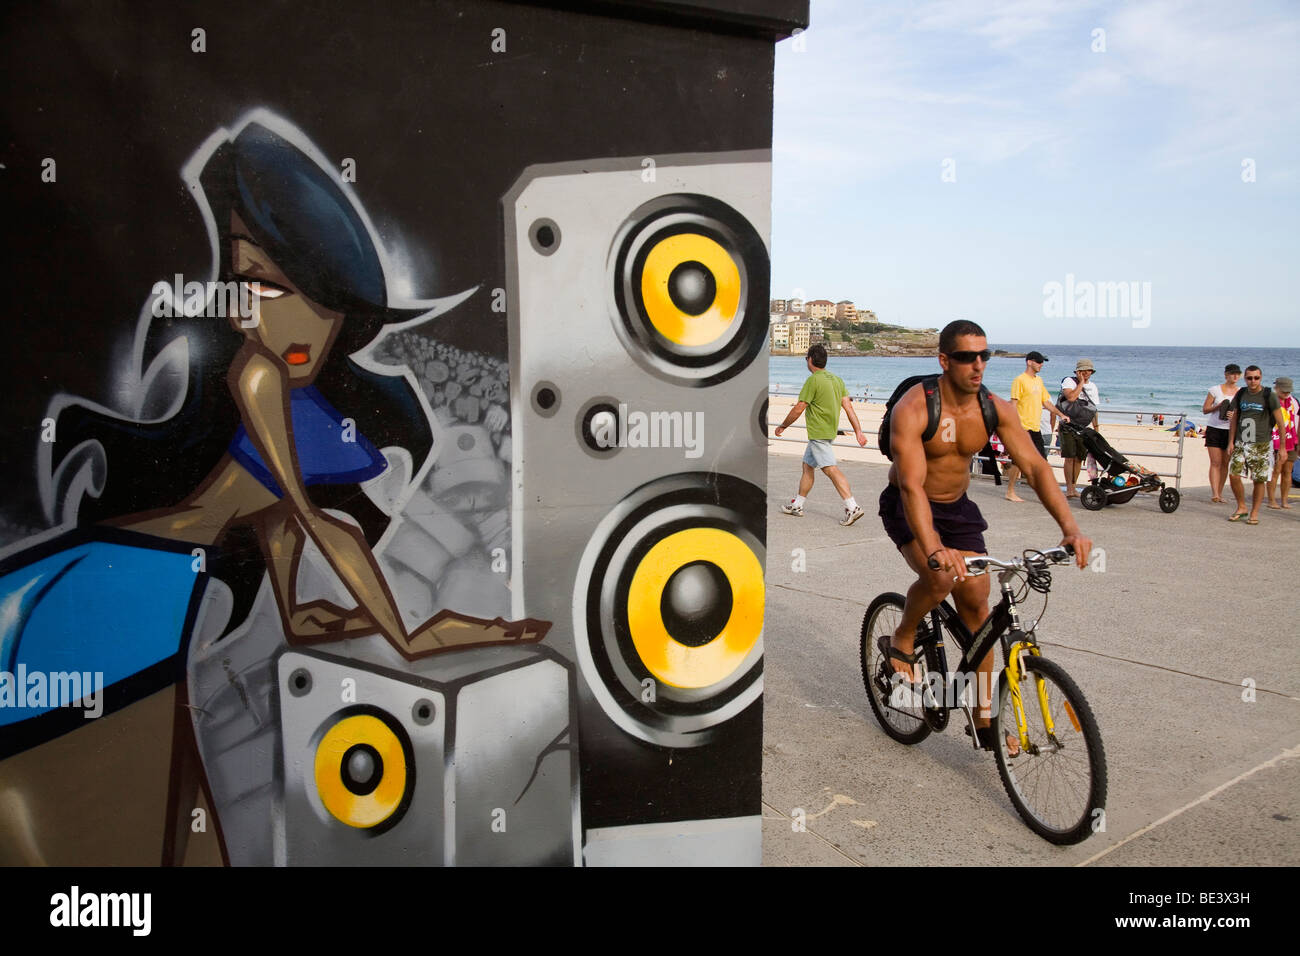 Illustrazione di graffiti e i locali sul lungomare a Bondi Beach. Sydney, Nuovo Galles del Sud, Australia Immagini Stock